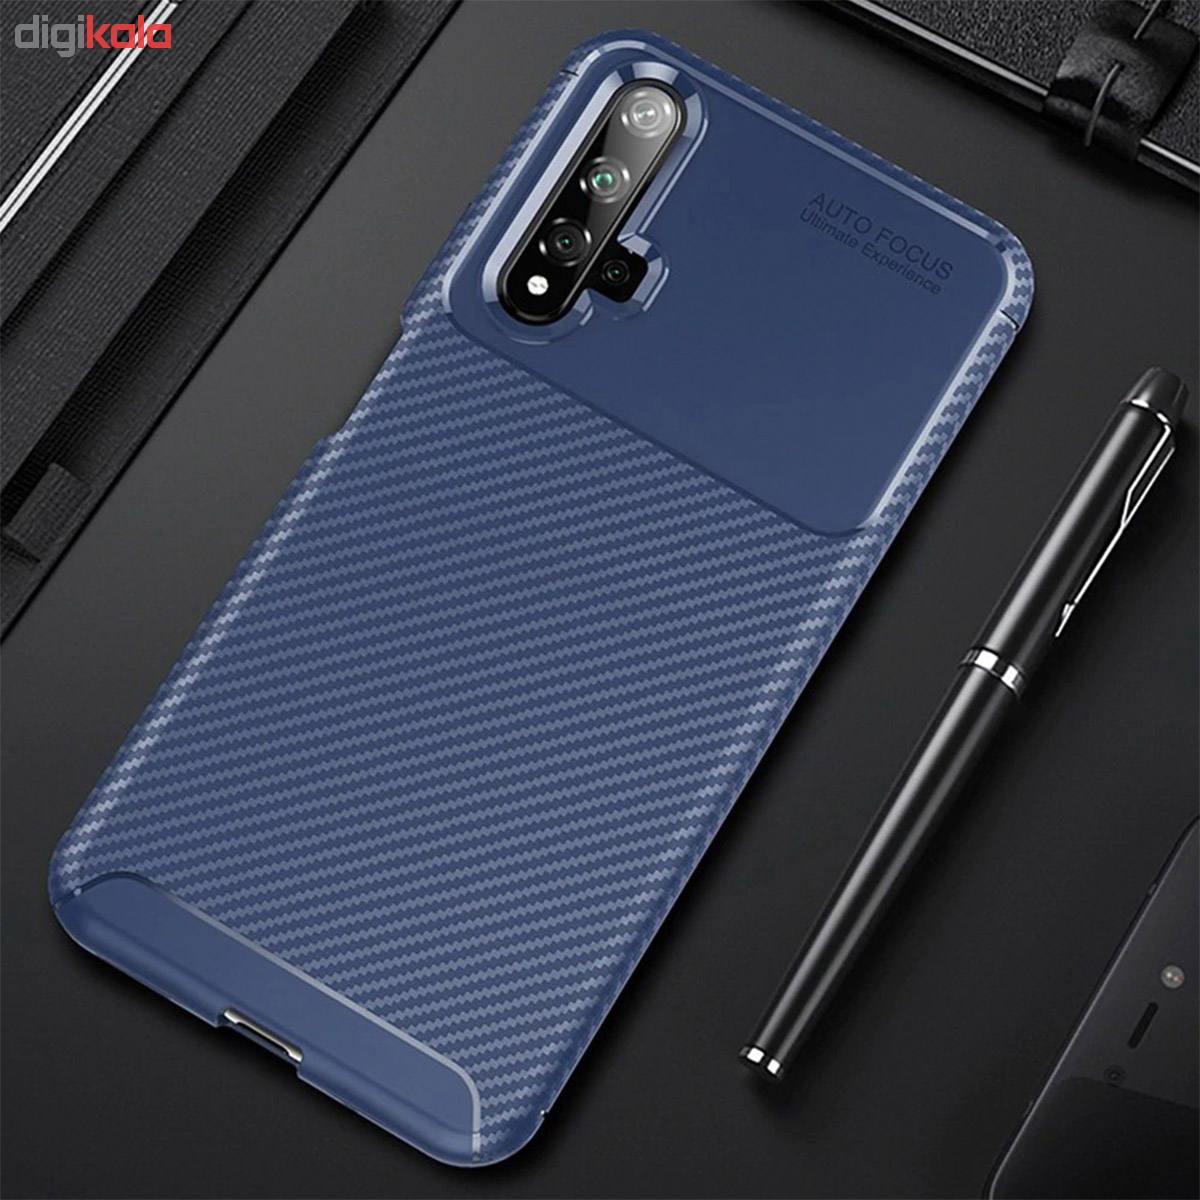 کاور لاین کینگ مدل A21 مناسب برای گوشی موبایل هوآوی Nova 5T thumb 2 21